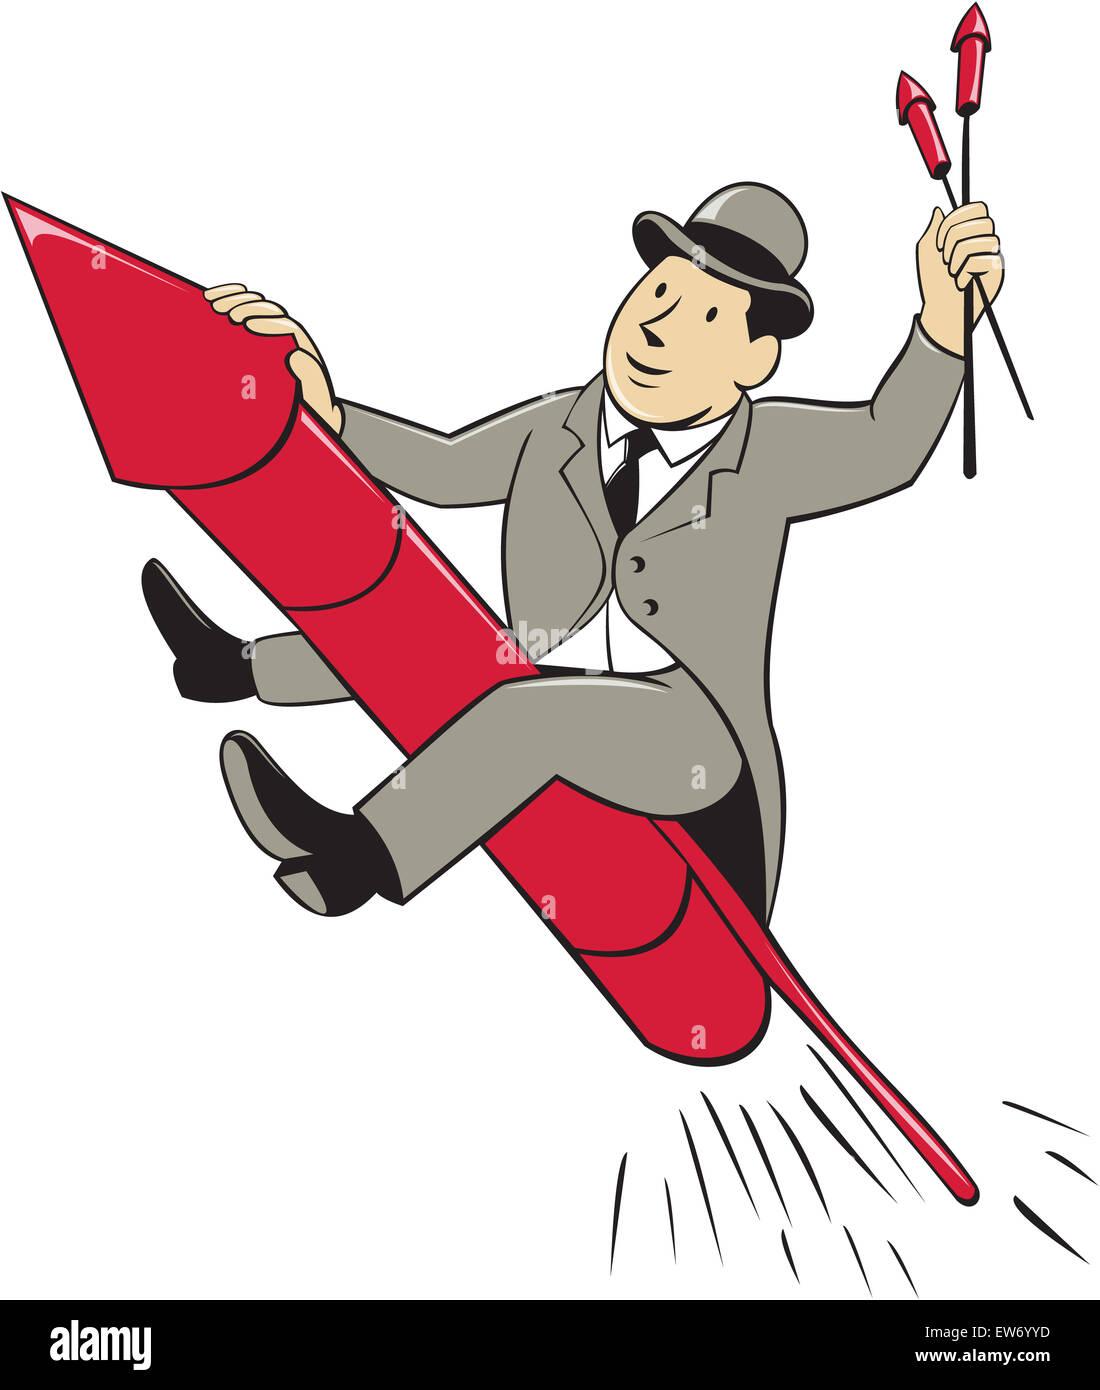 Ilustracion De Un Hombre En Un Traje Llevar Sombrero De Celebracion